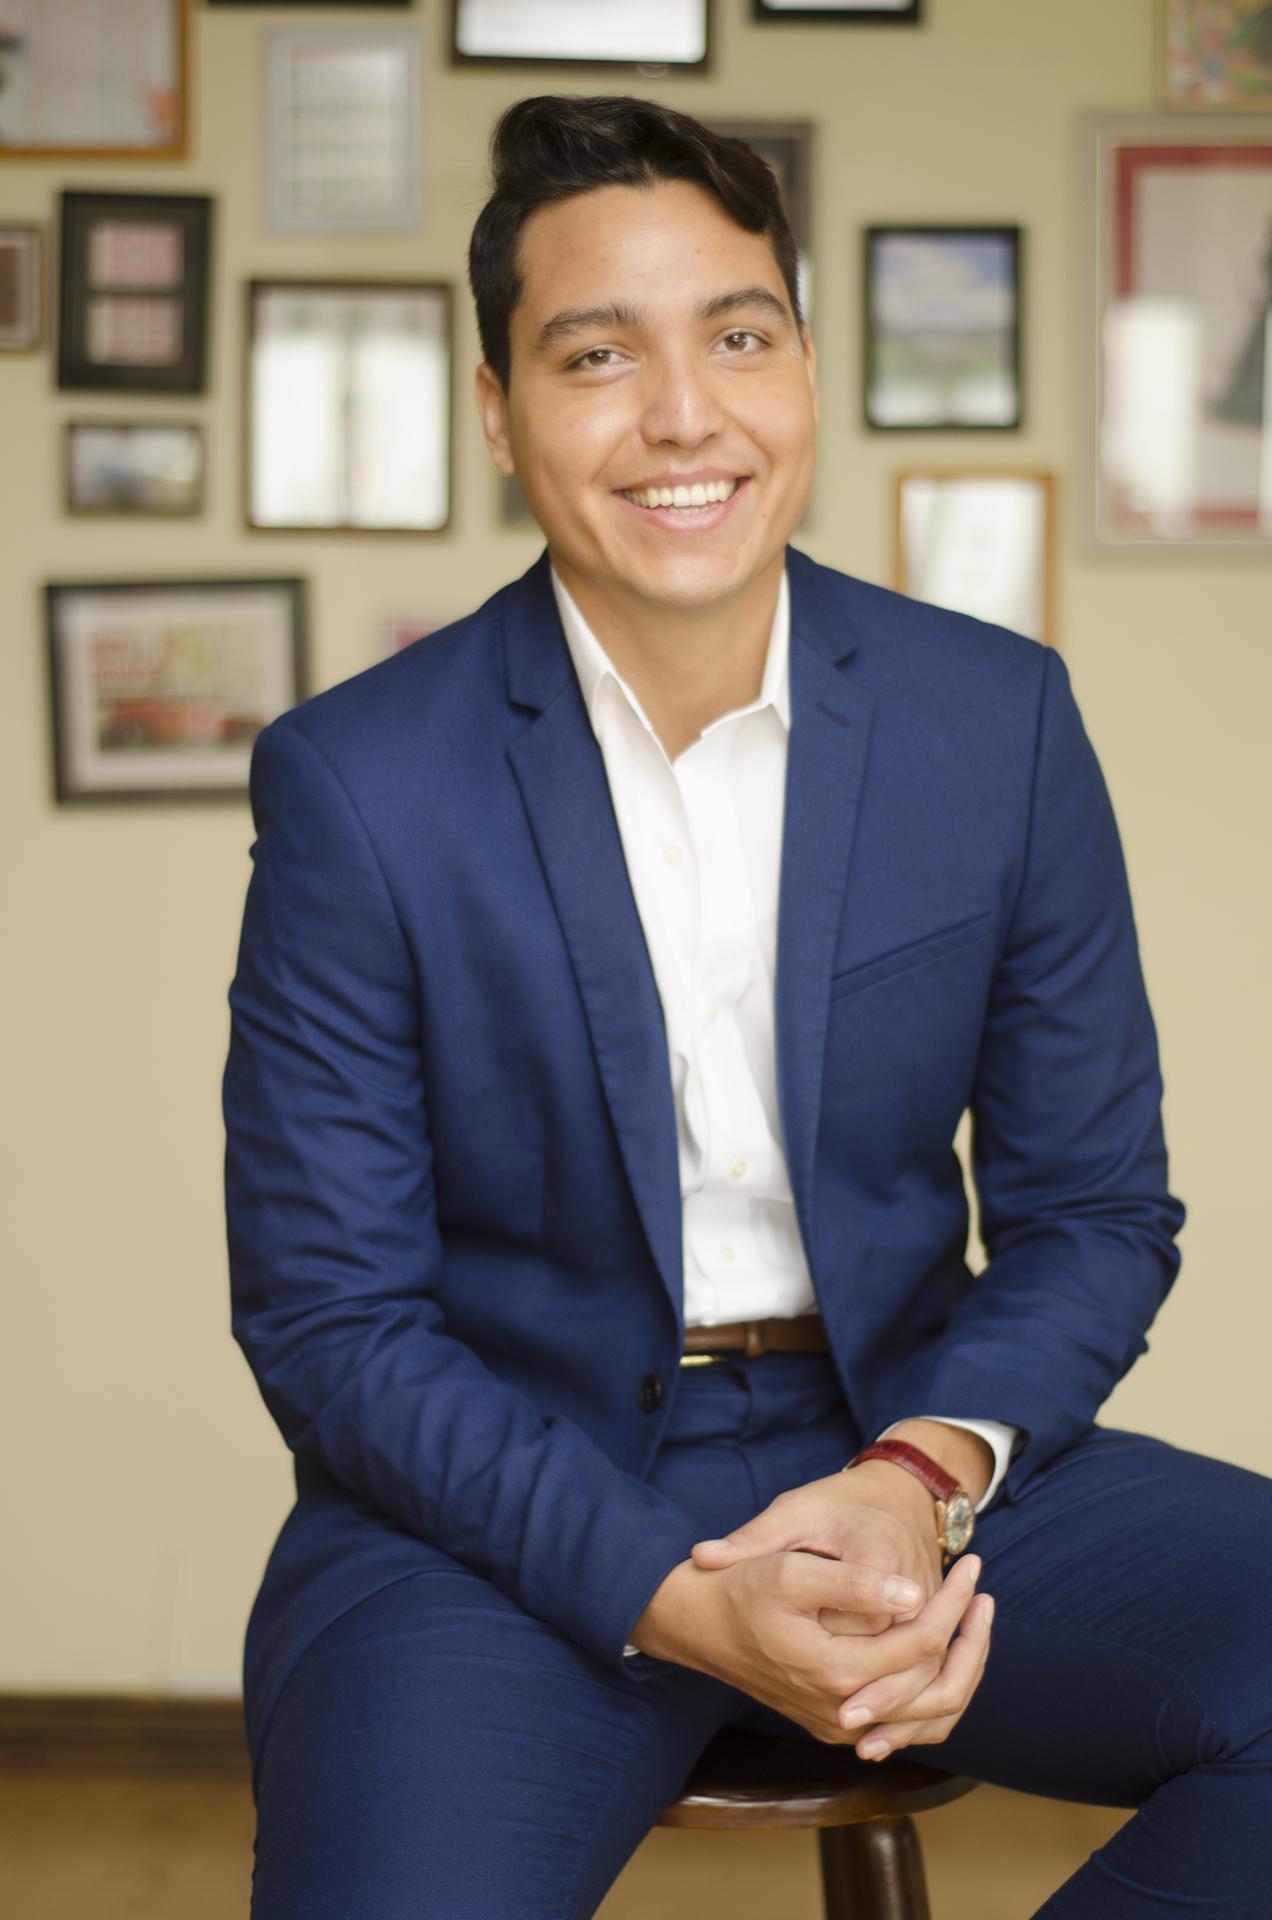 LLM Bruno Rodríguez Reveggiano, Abogado Corte Interamericana de Derechos Humanos